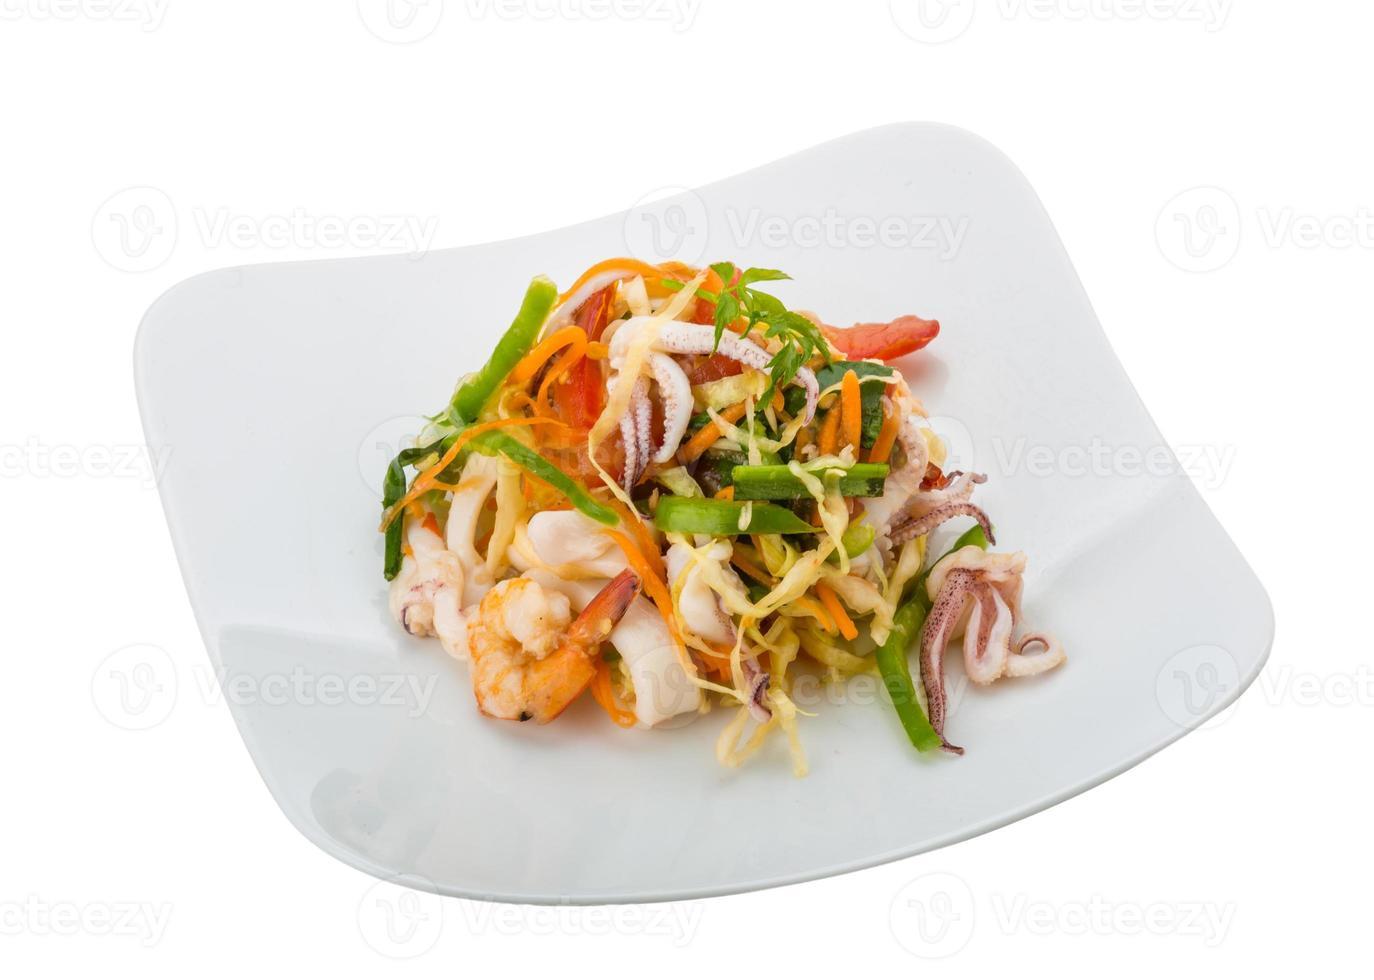 salade de fruits de mer asiatique photo